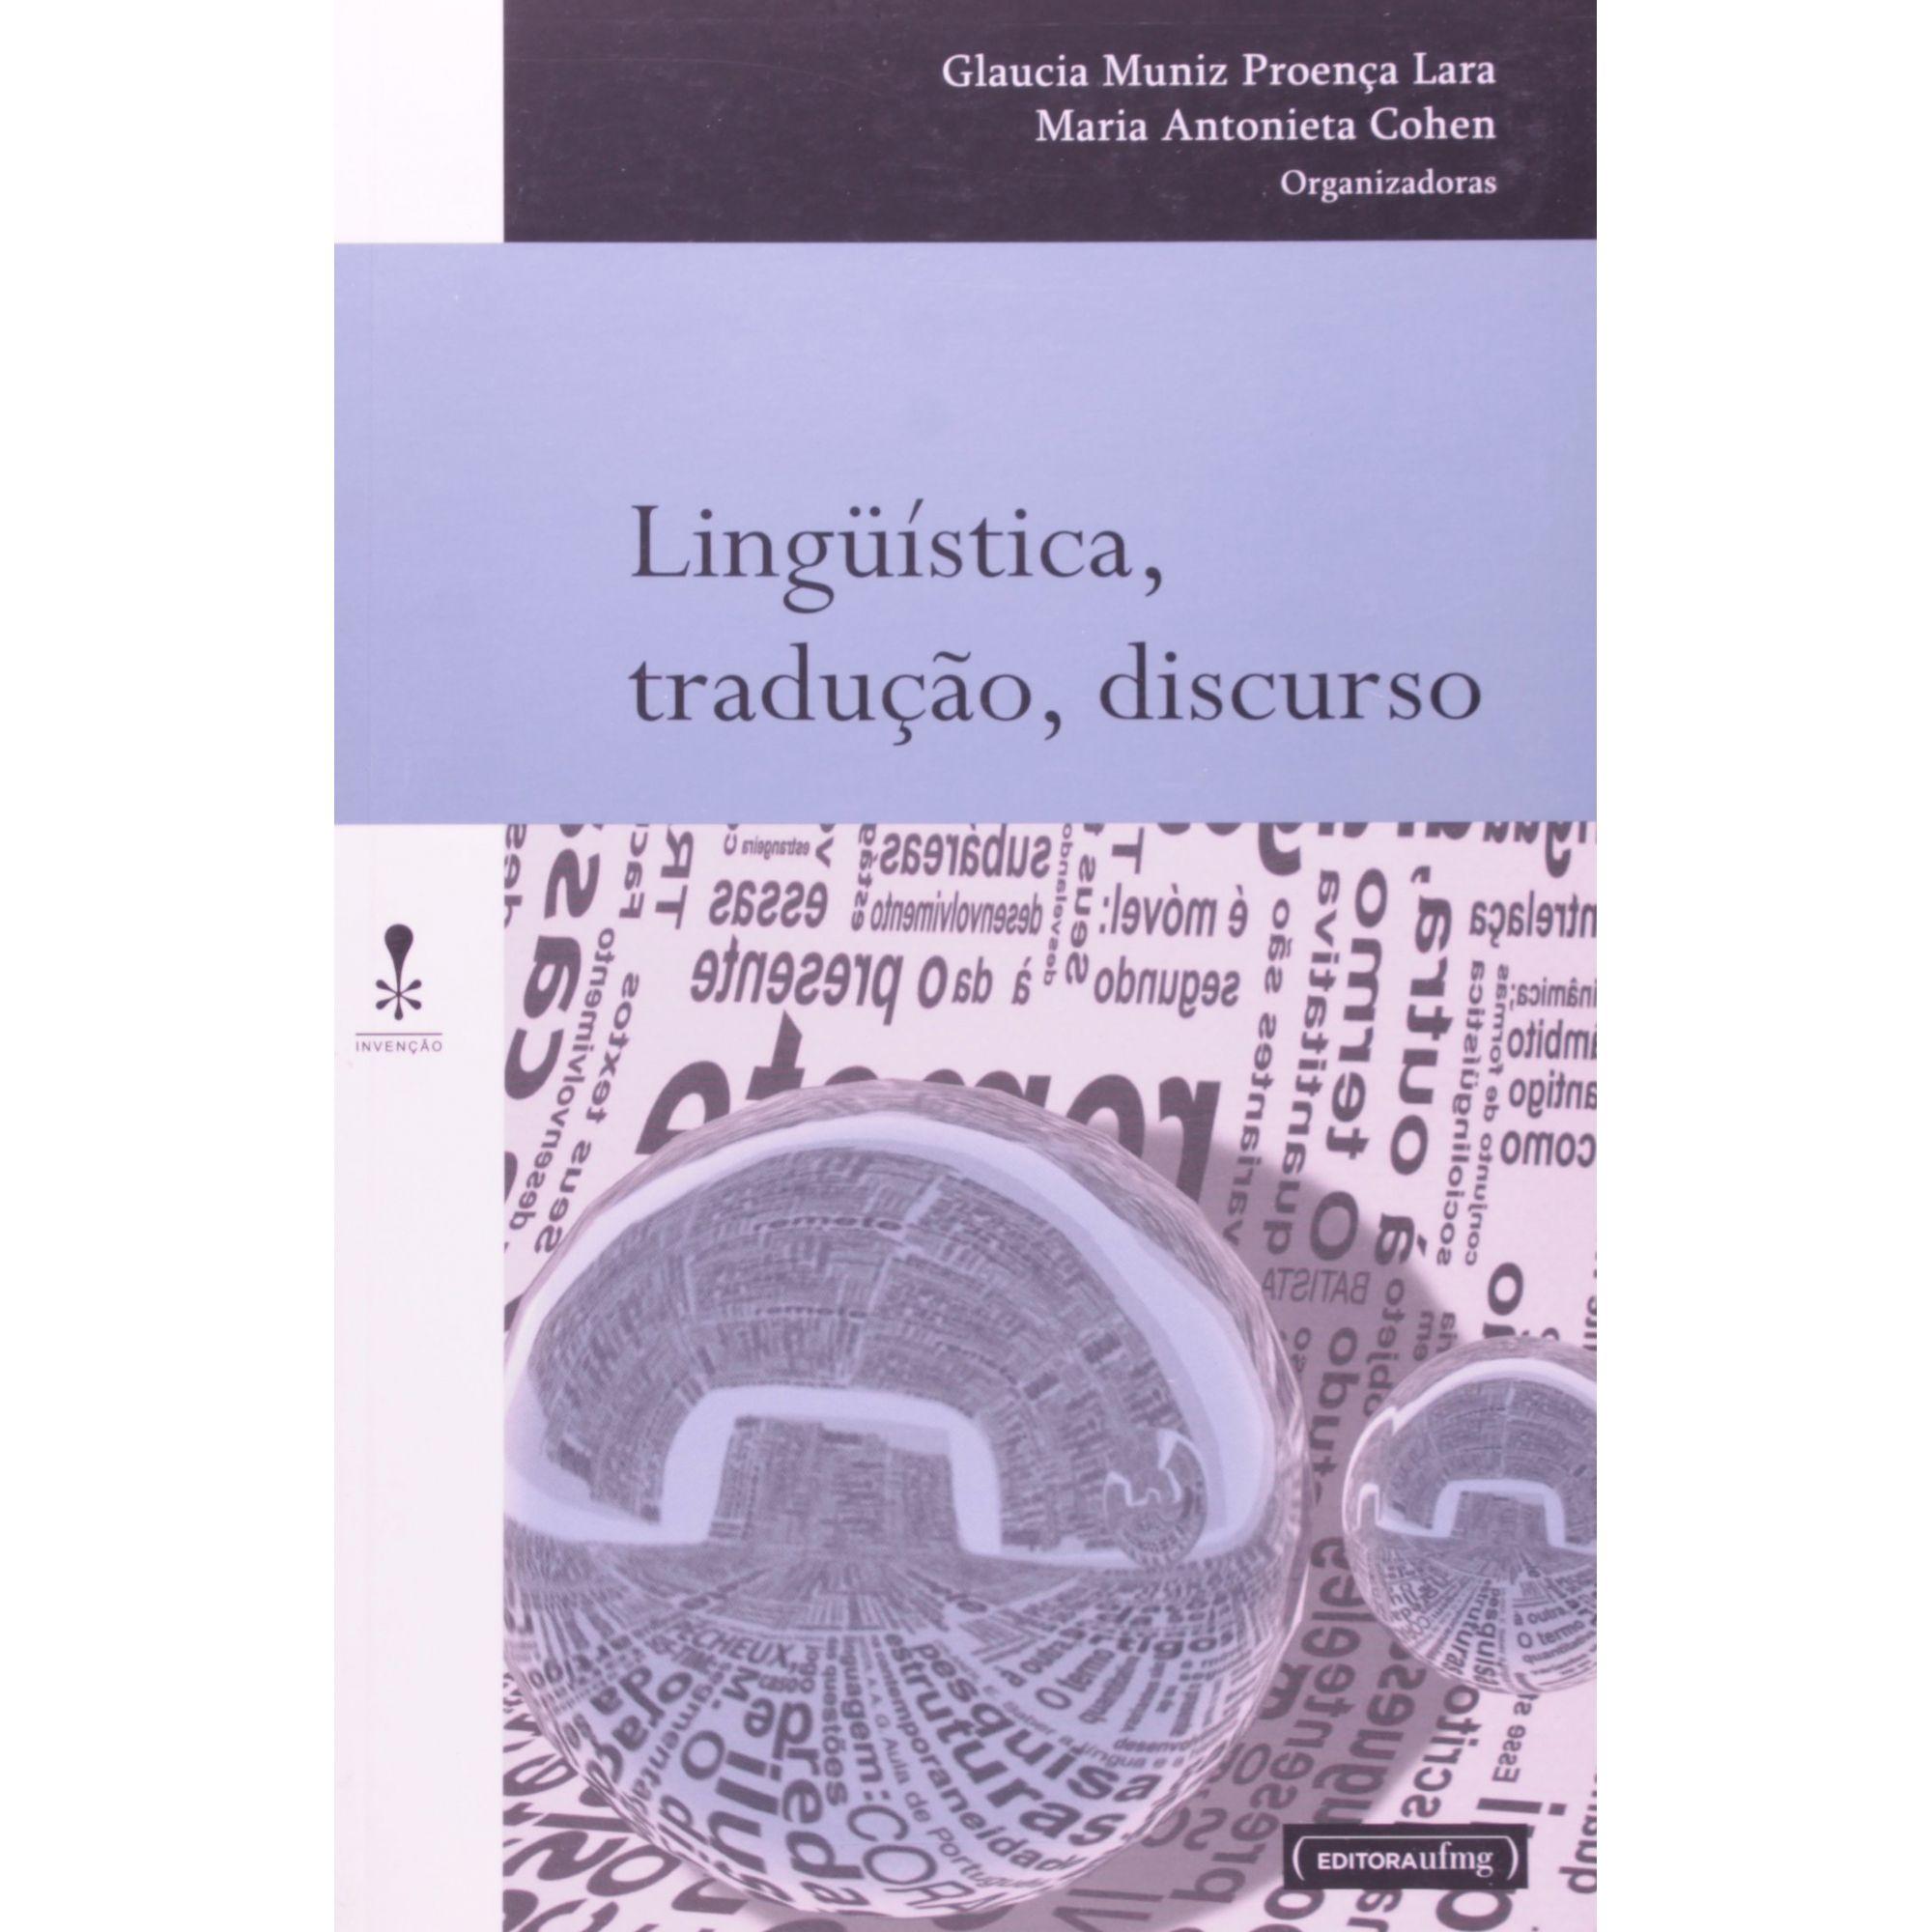 Linguística, Tradução, Discurso